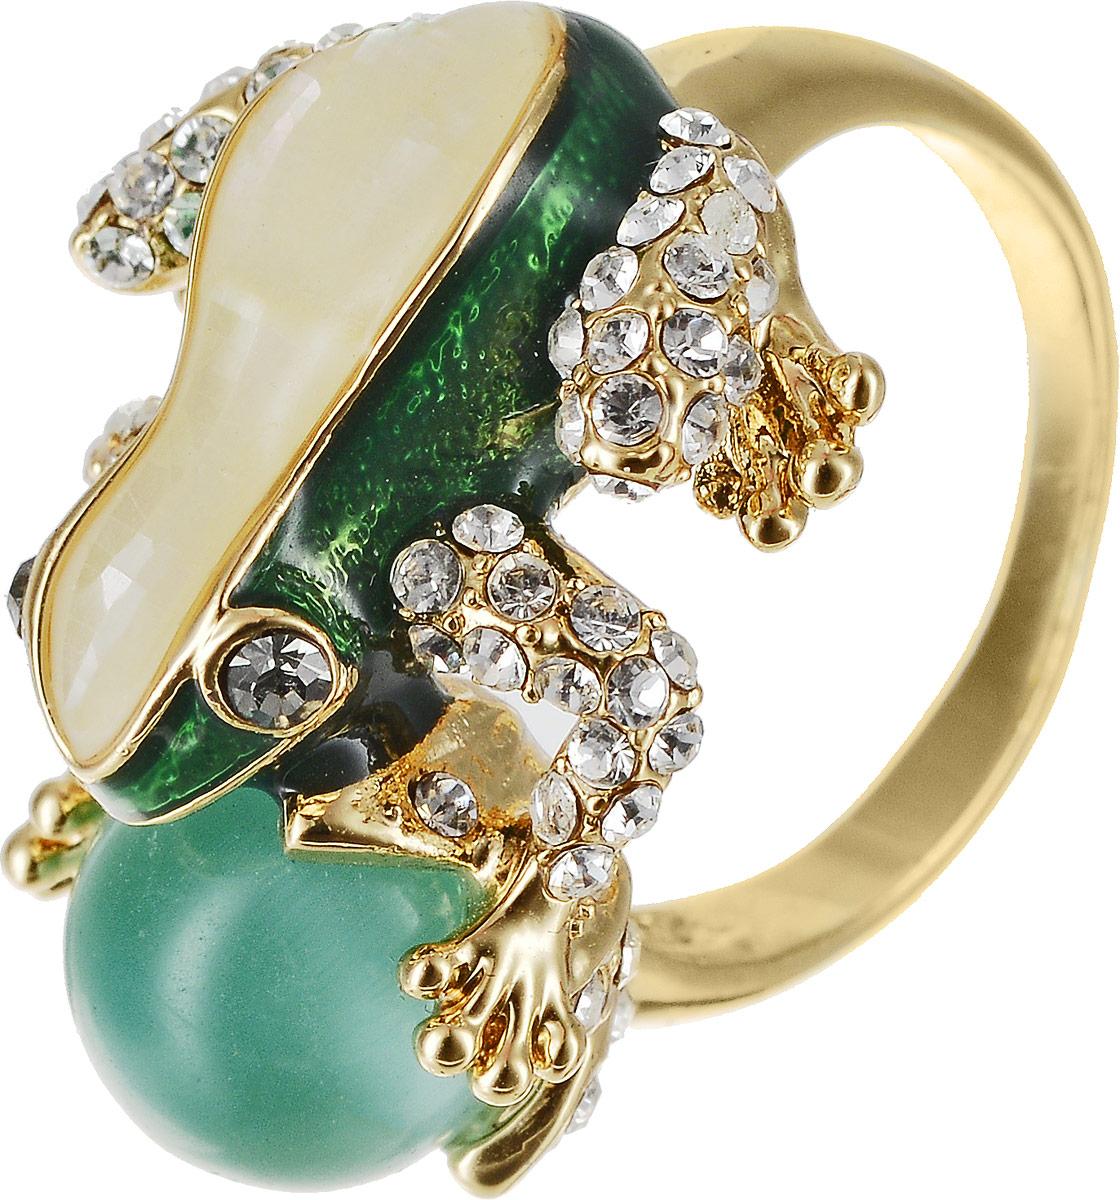 Кольцо Art-Silver, цвет: золотой, зеленый. 055R-1283. Размер 18055R-1283Оригинальное кольцо Art-Silver выполнено из бижутерного сплава с гальваническим покрытием. Кольцо украшено декоративными вставками. Элегантное кольцо Art-Silver превосходно дополнит ваш образ и подчеркнет отменное чувство стиля своей обладательницы.